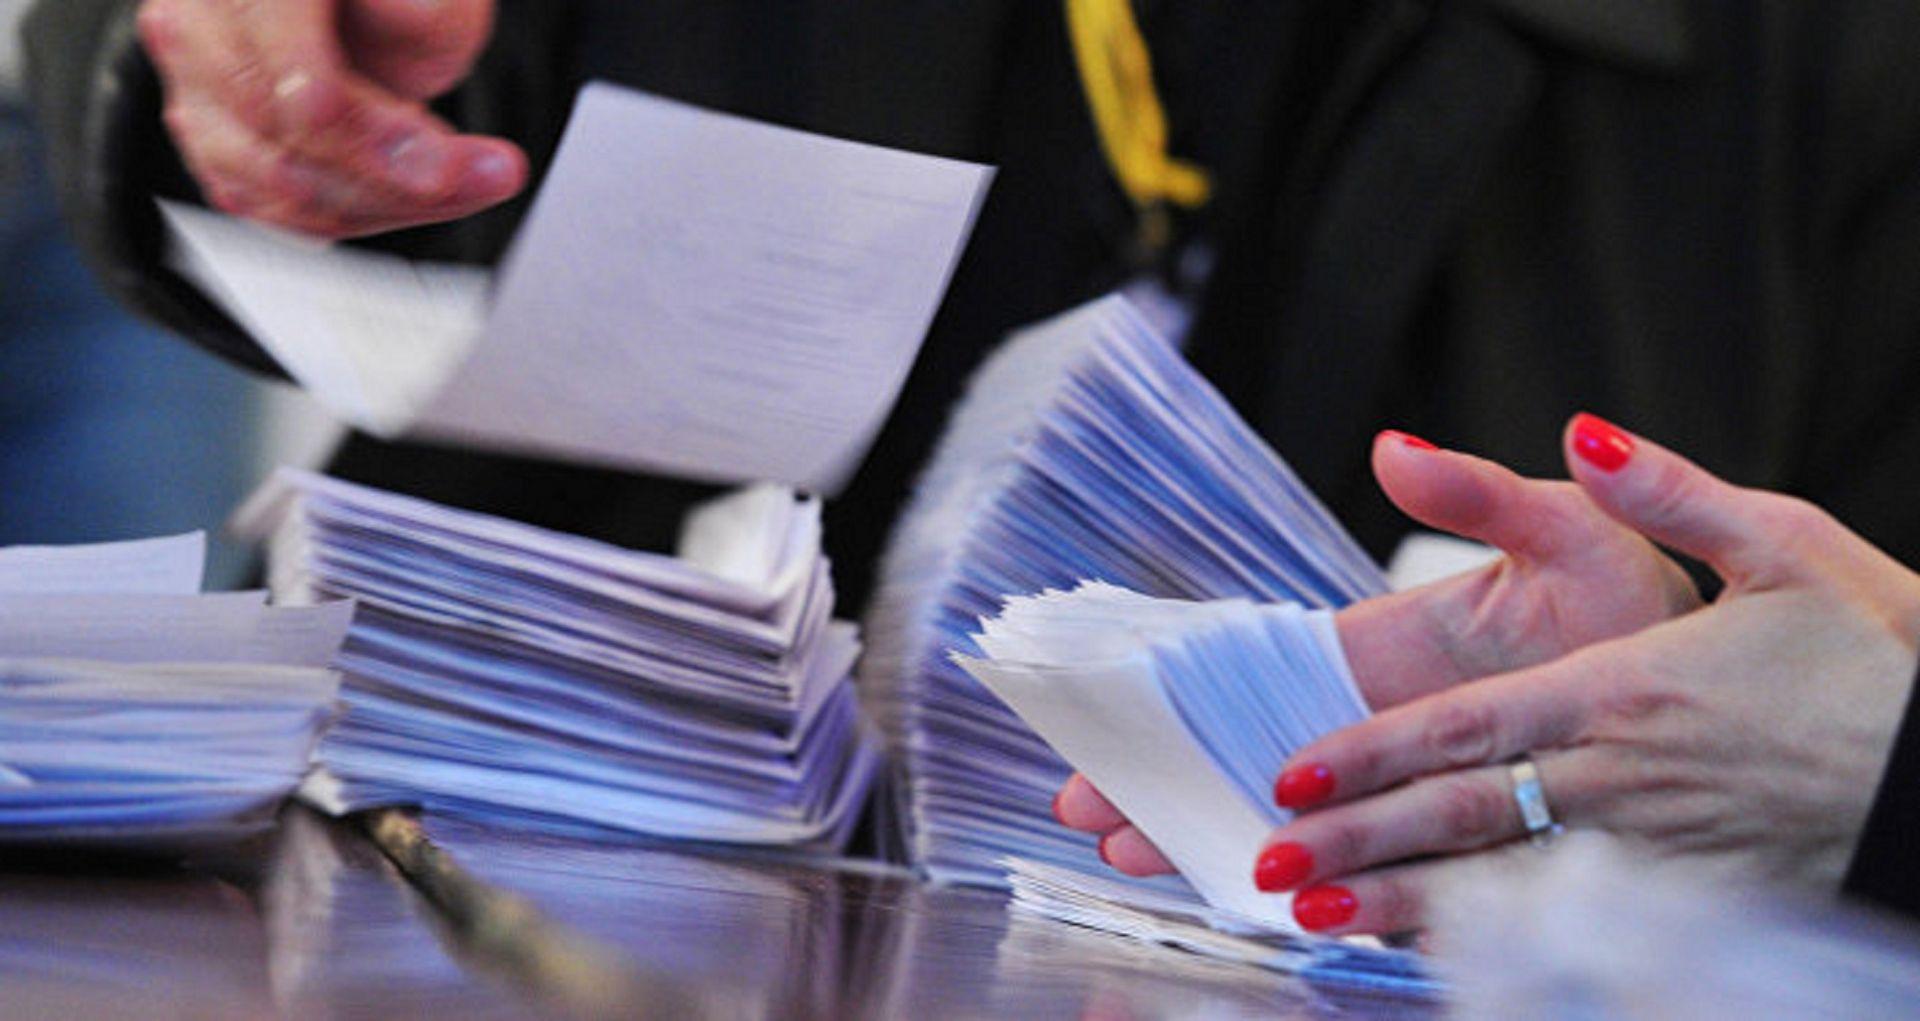 Областная избирательная комиссия иМФЦ подписали соглашение овзаимодействии